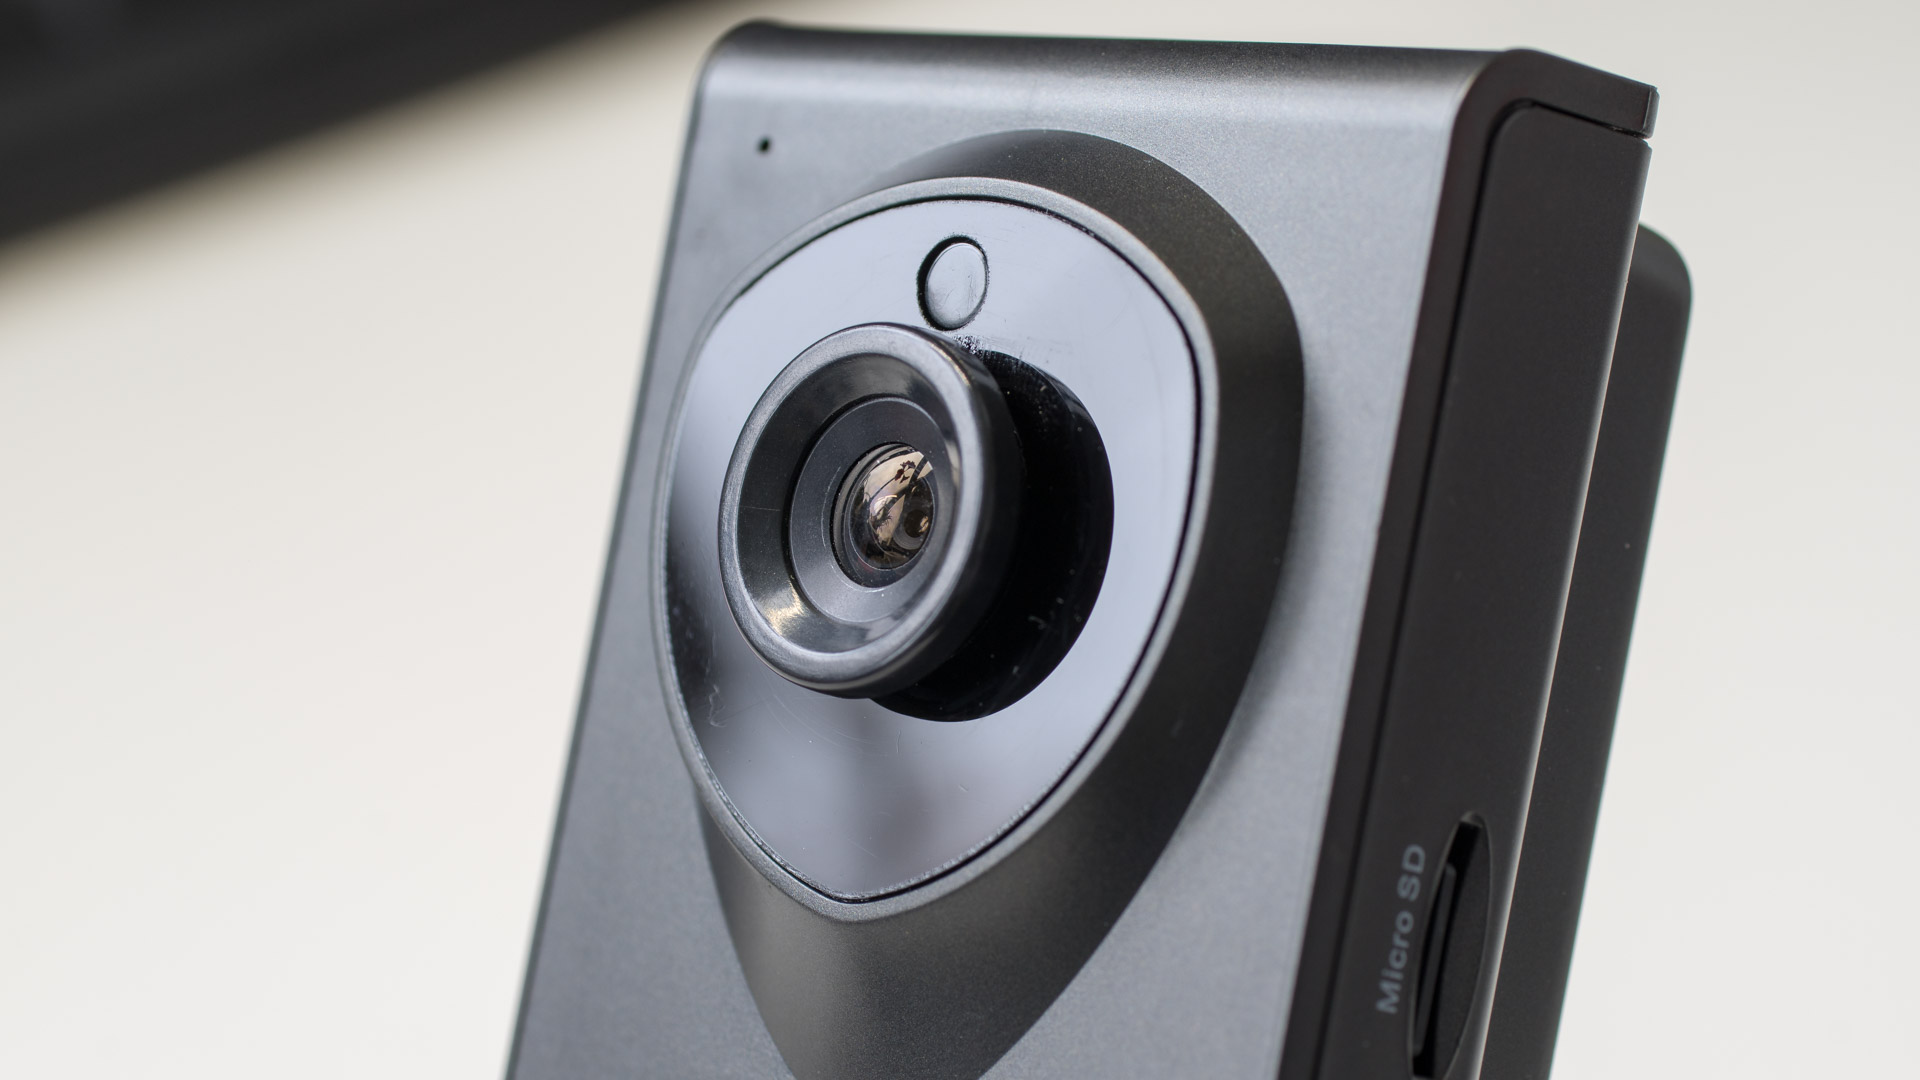 heim berwachungskamera von instar im test instar in 6001hd techtest. Black Bedroom Furniture Sets. Home Design Ideas